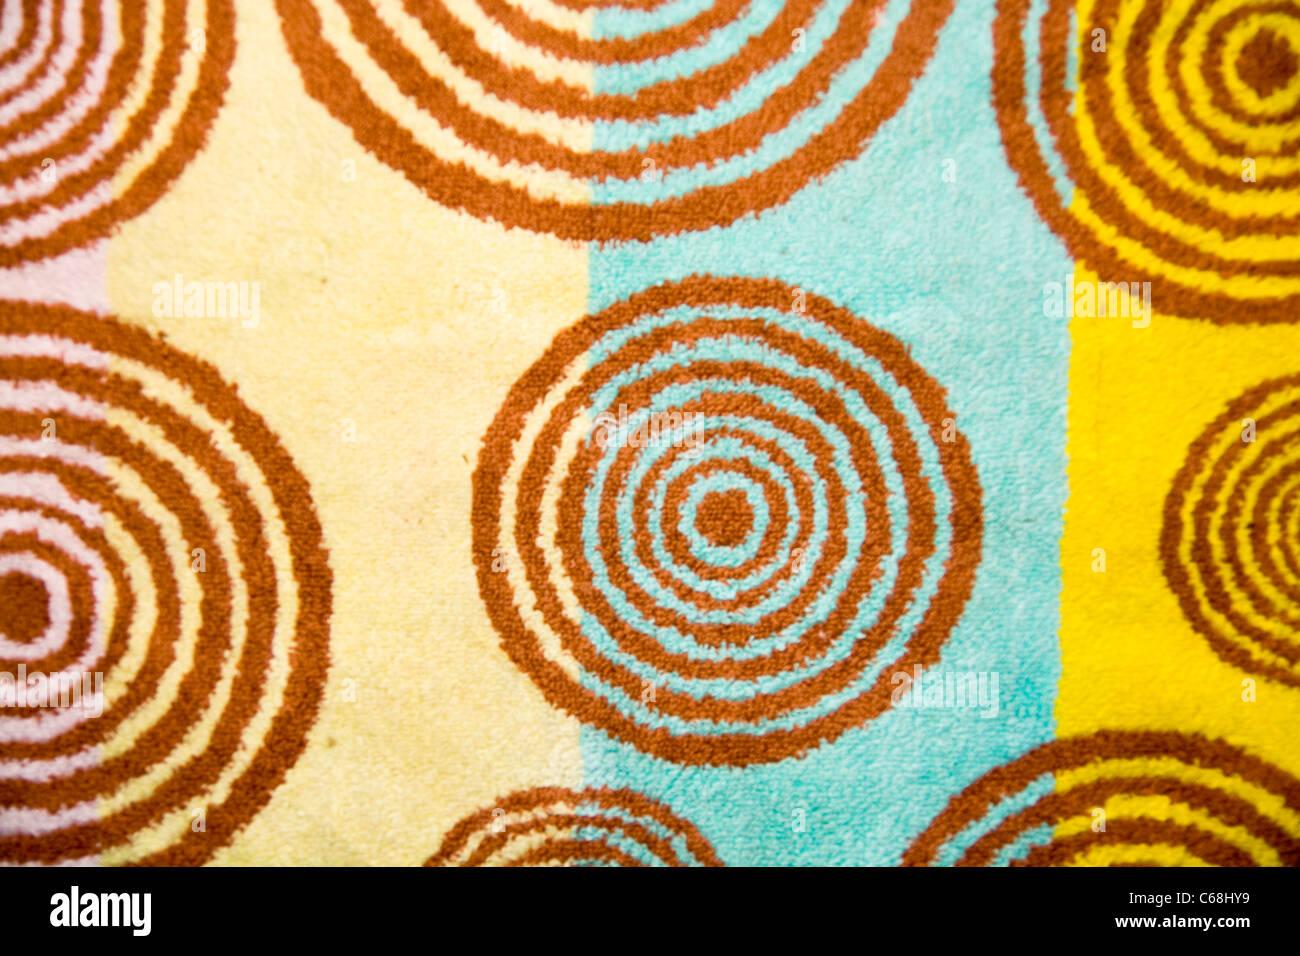 Handtuch-Textur Stockbild